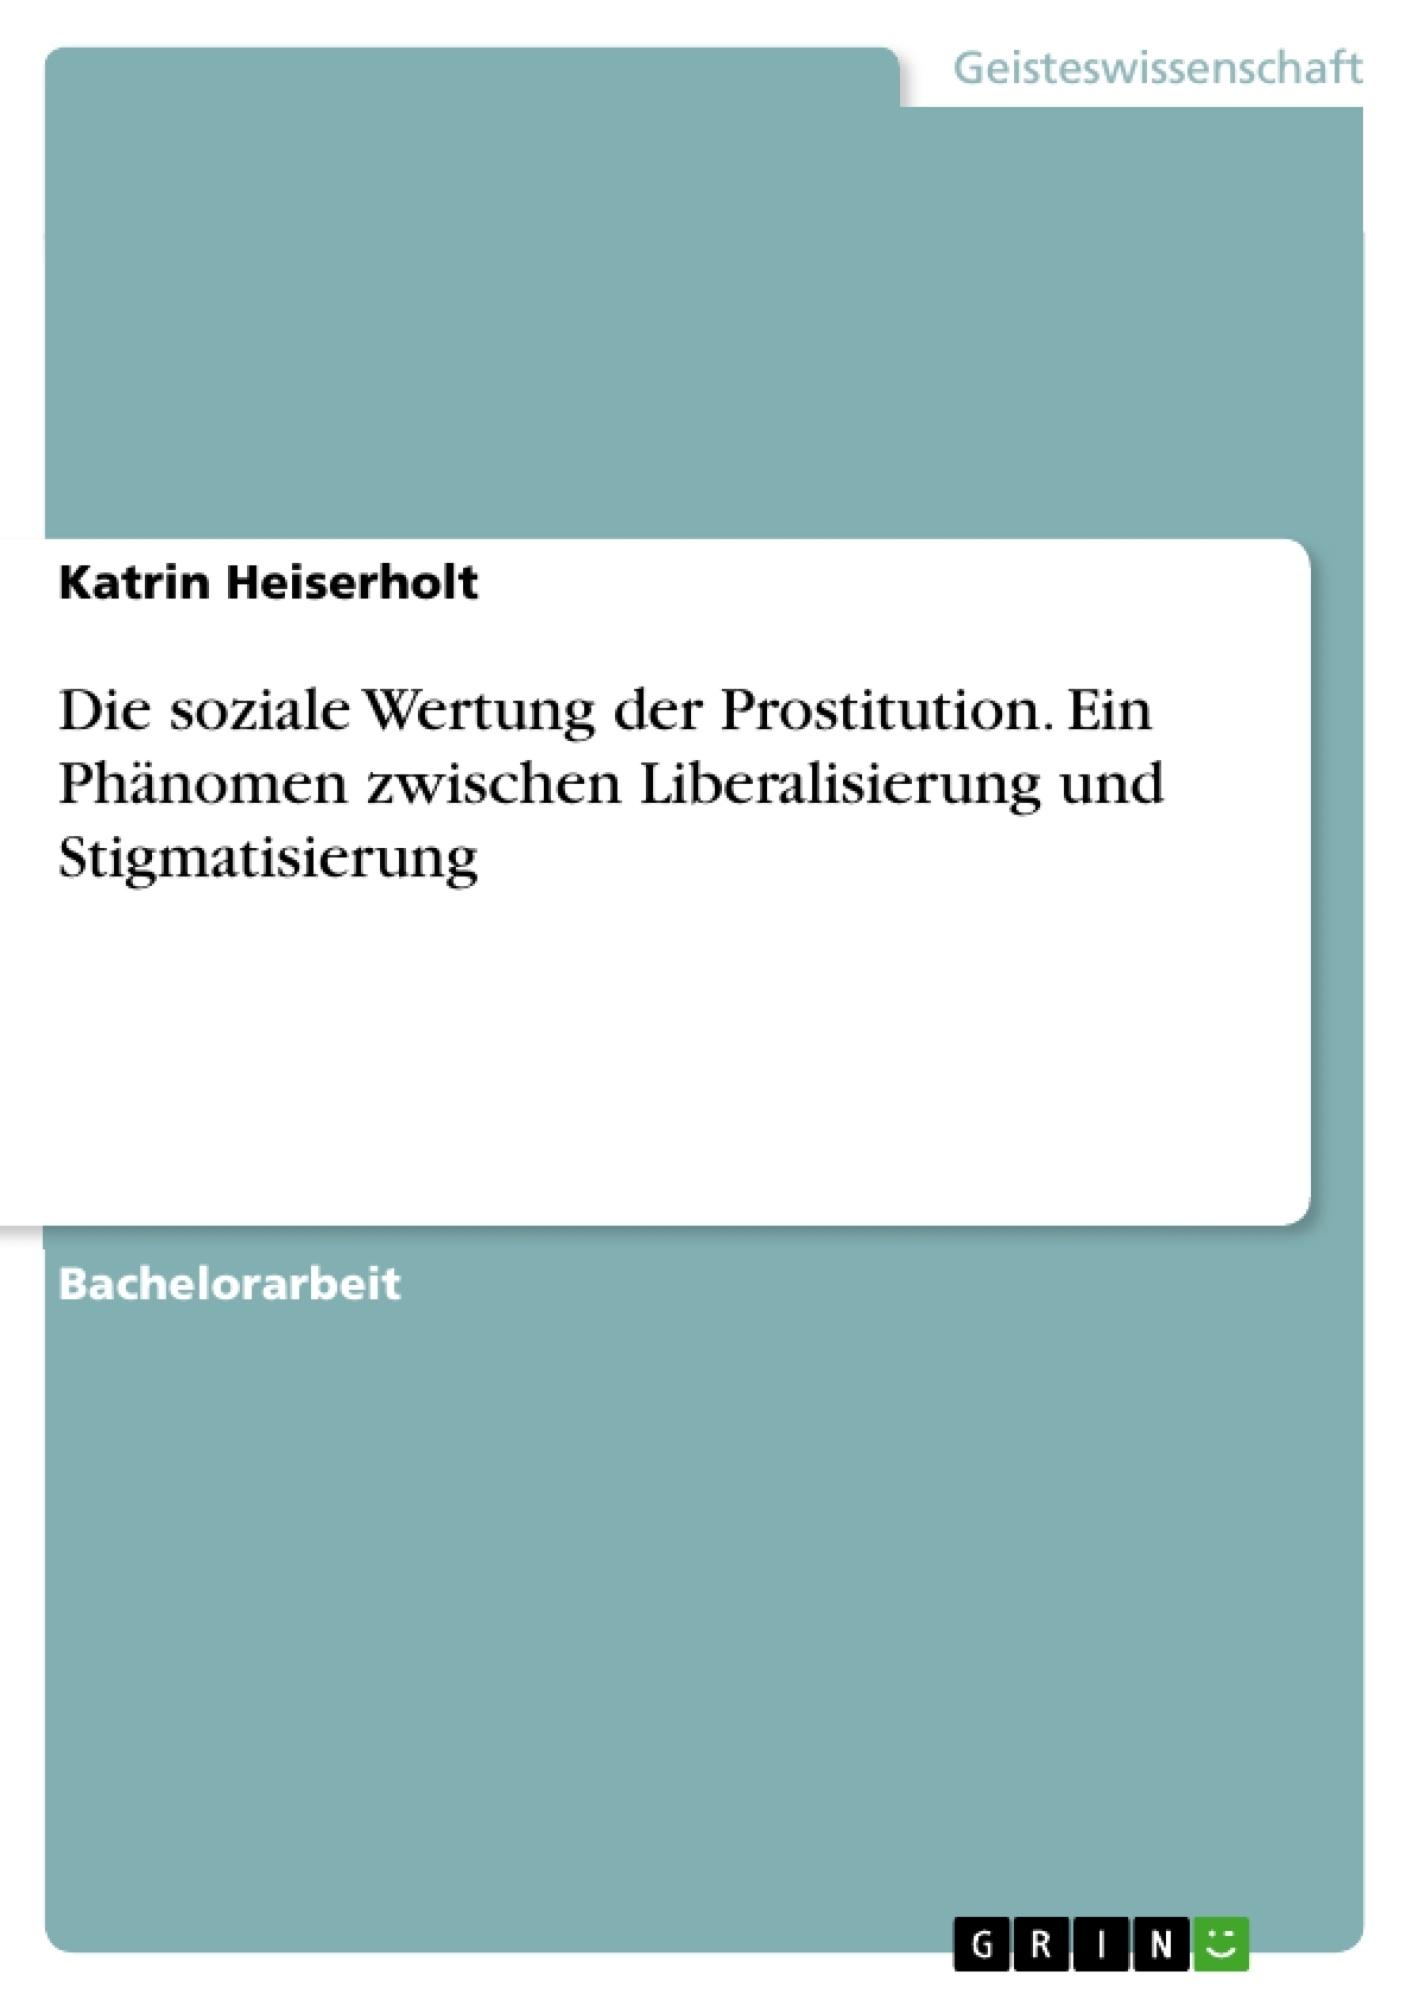 Titel: Die soziale Wertung der Prostitution. Ein Phänomen zwischen Liberalisierung und Stigmatisierung